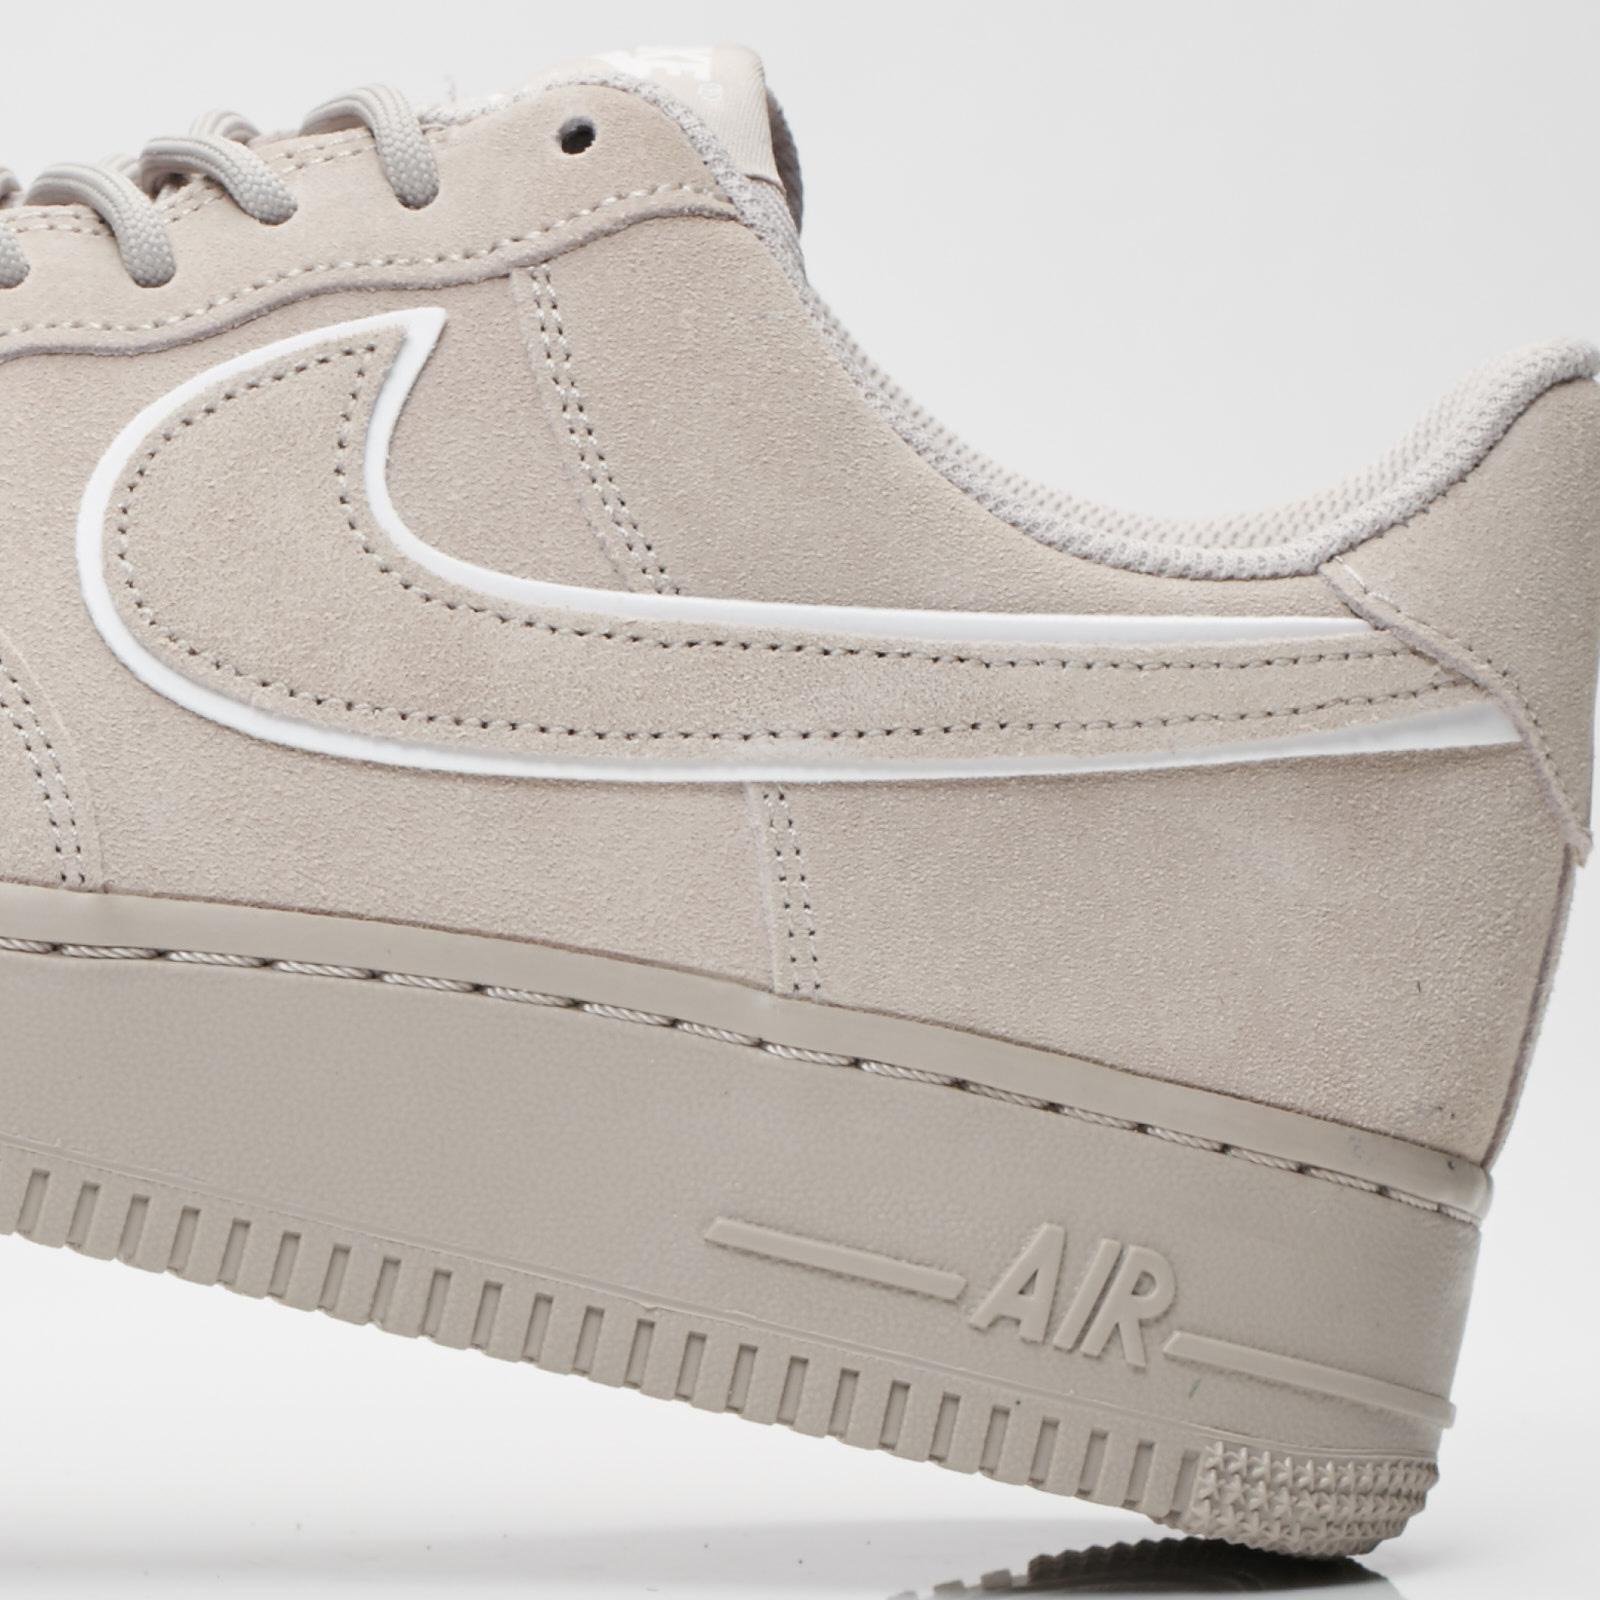 c3bca34163d36 Nike Air Force 1 07 lv8 Suede - Aa1117-201 - Sneakersnstuff ...